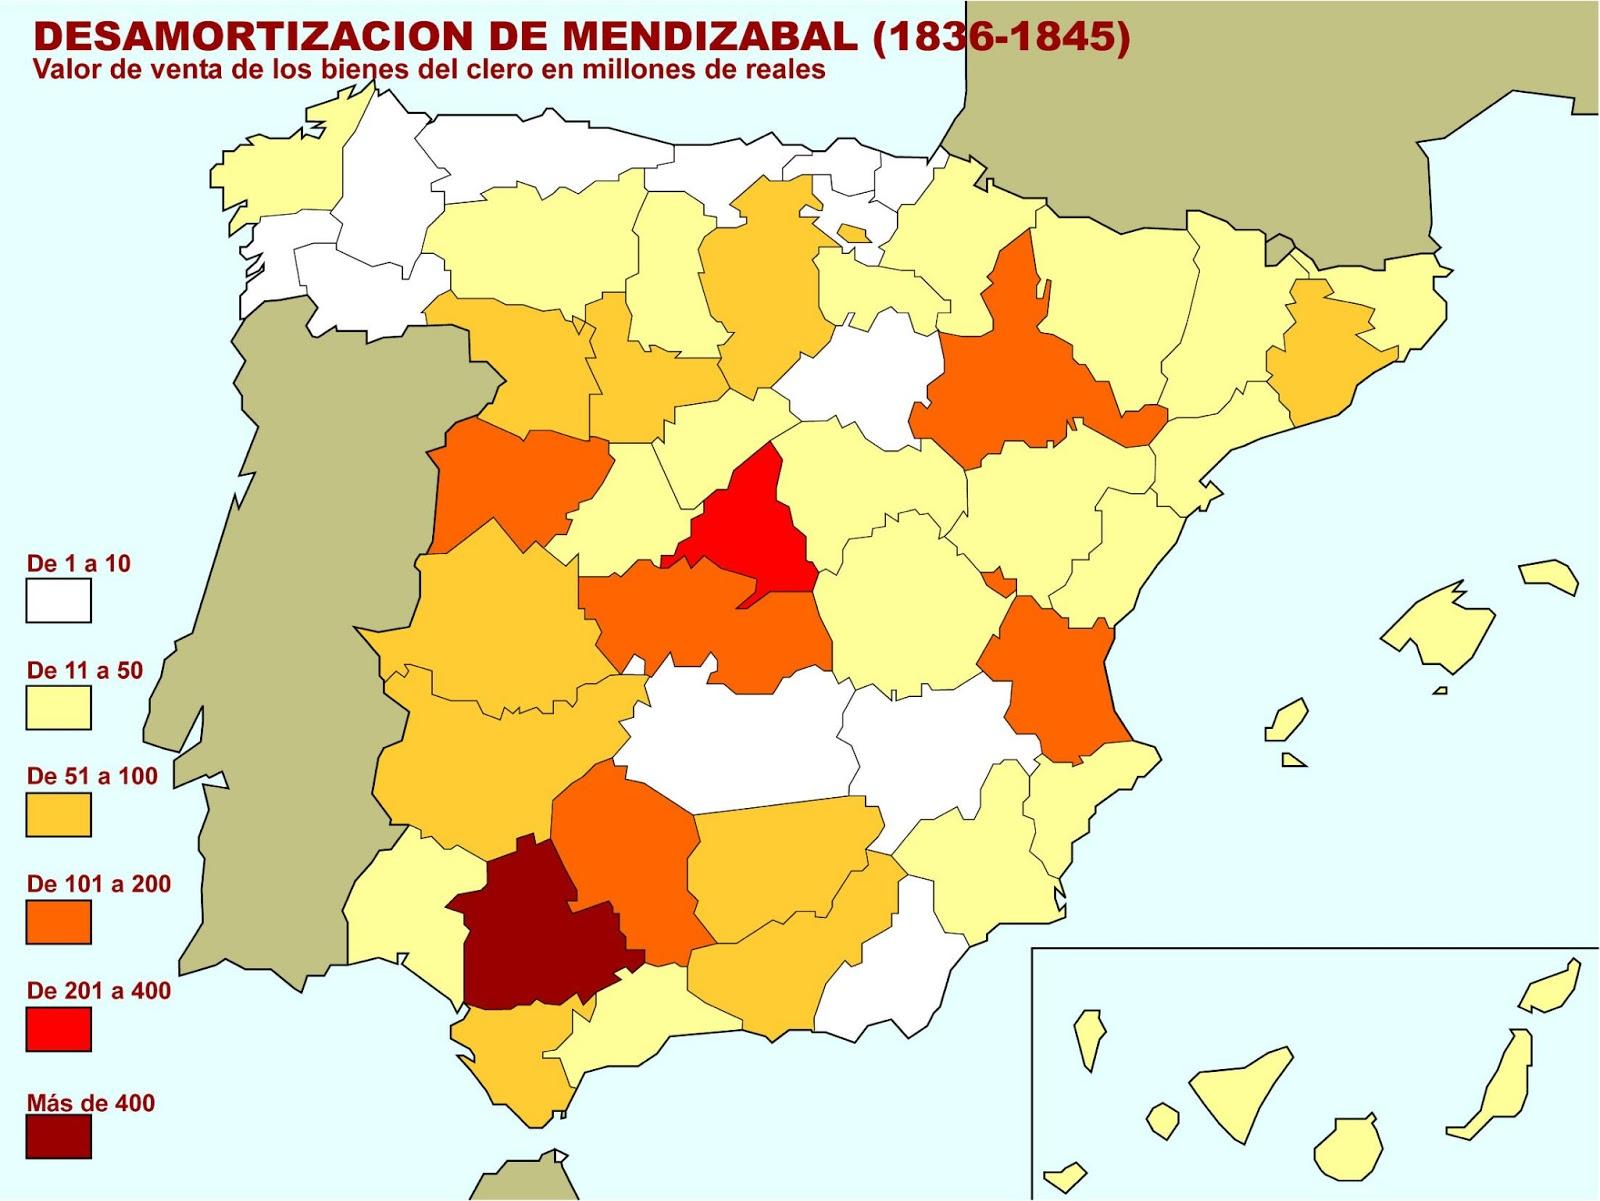 Compara las desamortizaciones de Mendizábal y Madoz, y especifica los  objetivos de una y otra – Historia en Comentarios